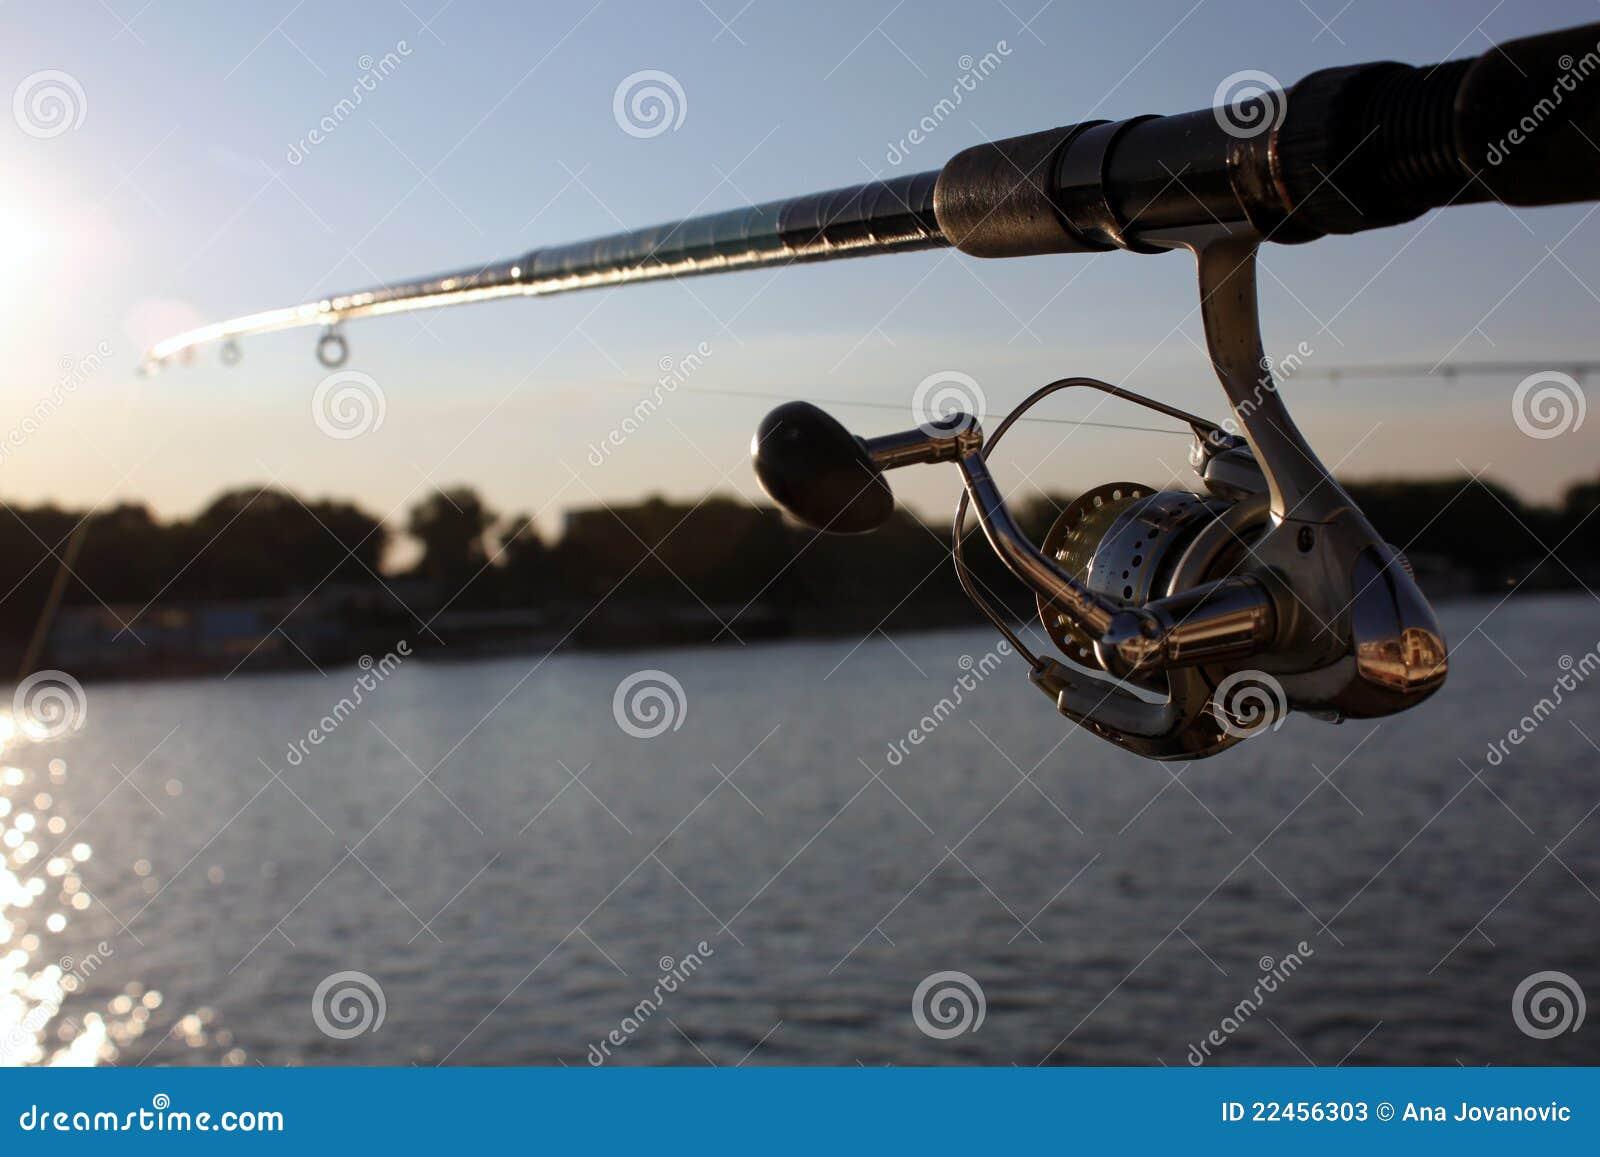 Рыболовная удочка